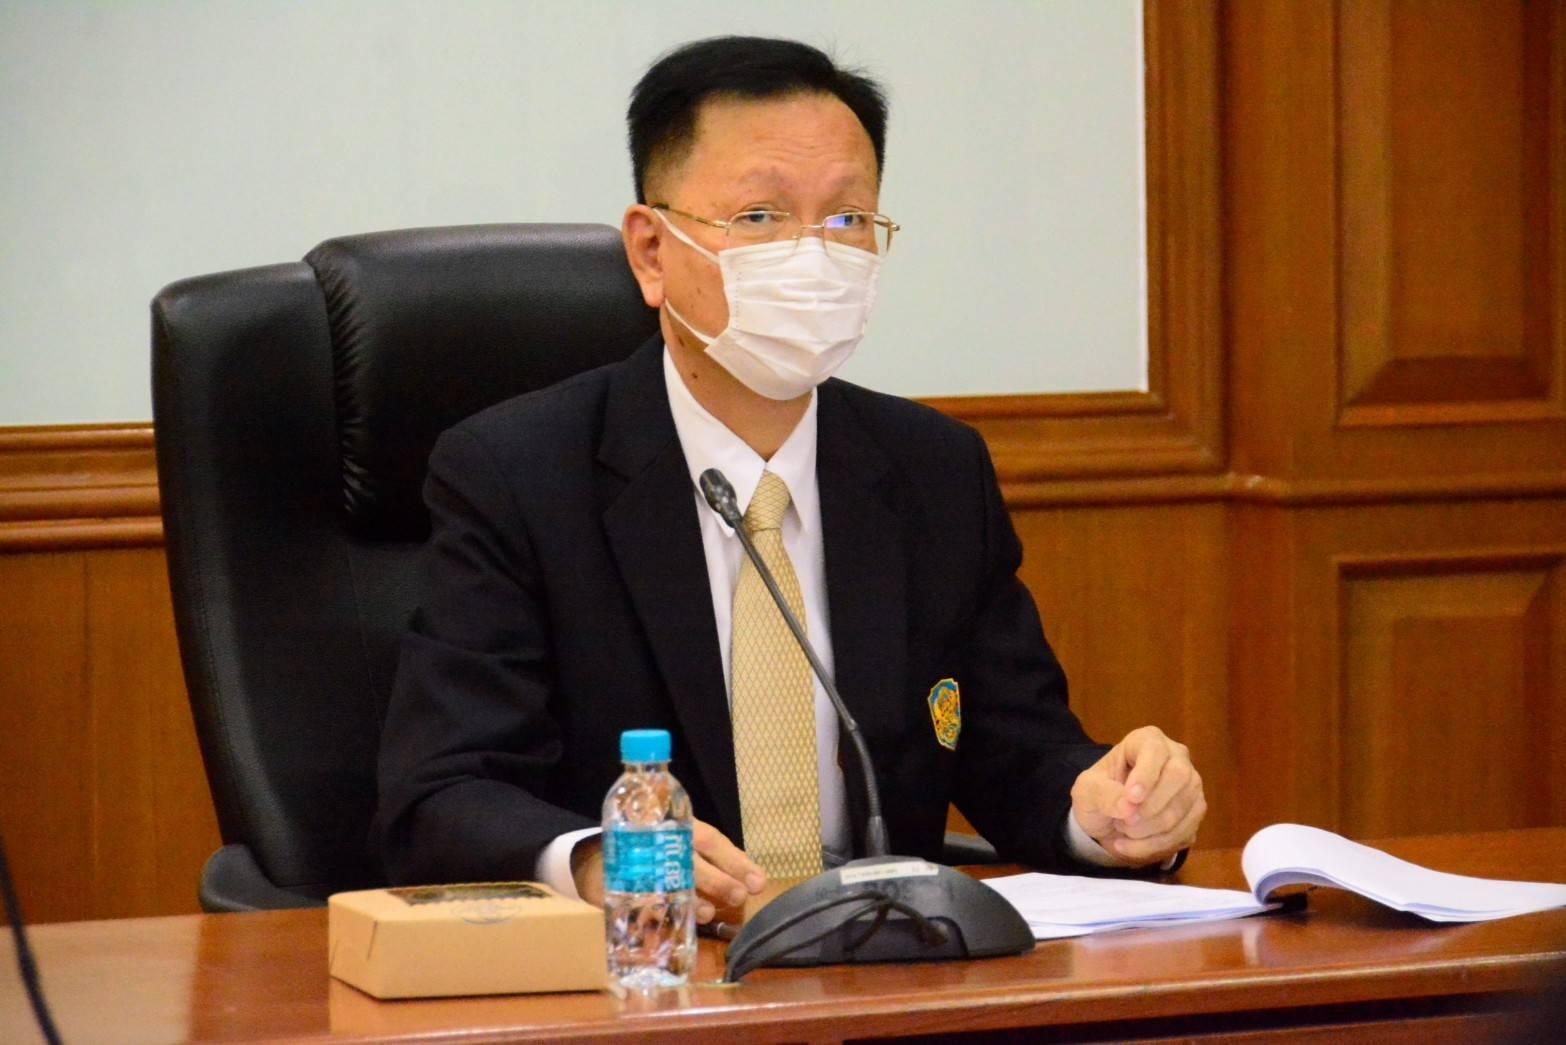 นายสุชาติ  พรชัยวิเศษกุล อธิบดีกรมการจัดหางาน เป็นประธานการประชุมคณะกรรมการบริหารพนักงานราชการของกรมการจัดหางาน ครั้งที่ 2/2563